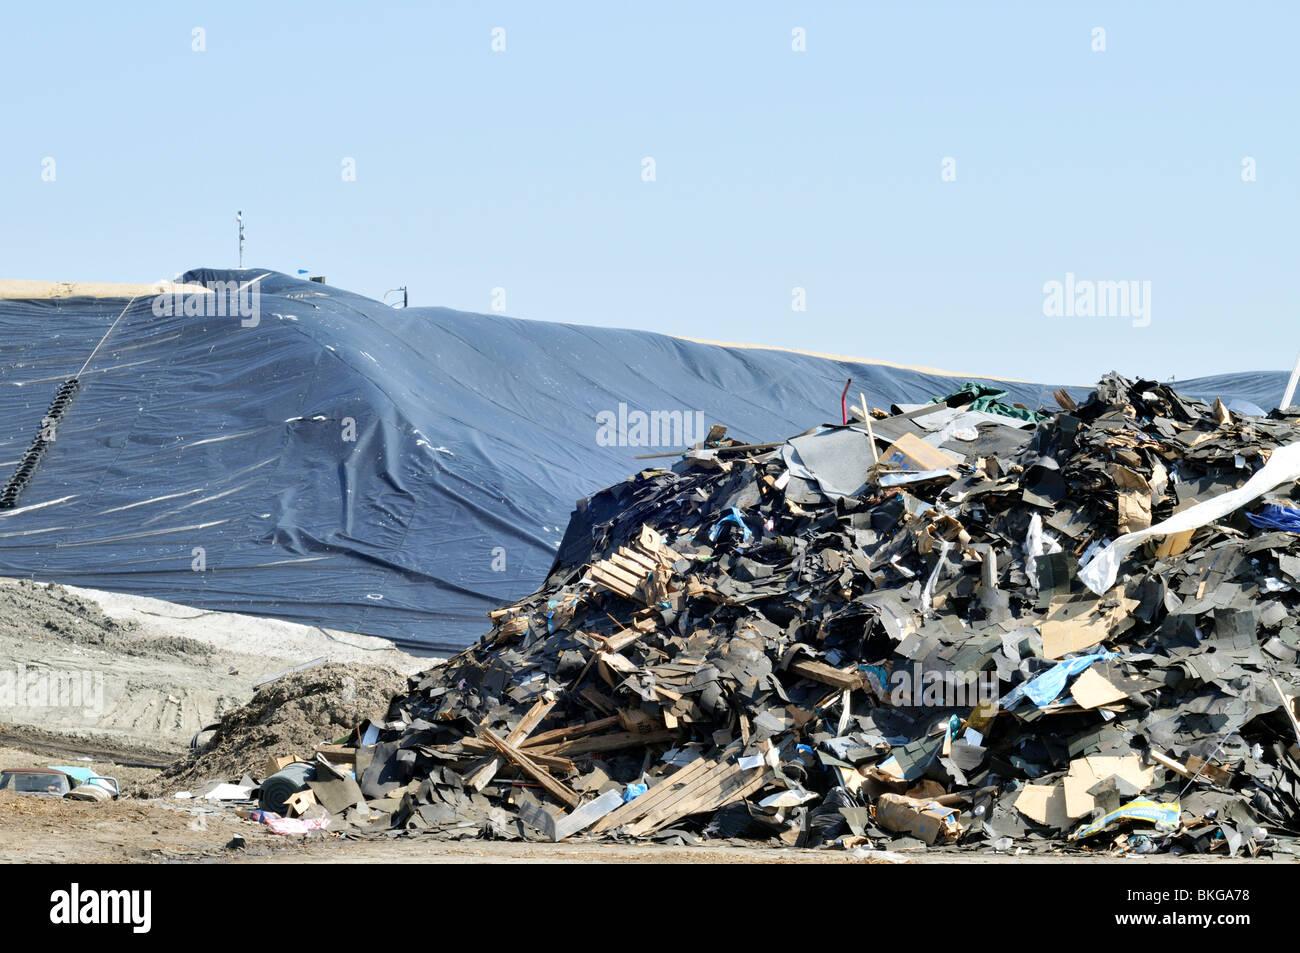 Deponie Dump mit Haufen Müll und kommerziellen Bauschutt mit Kunststoff Deckelung U.S. Stockbild